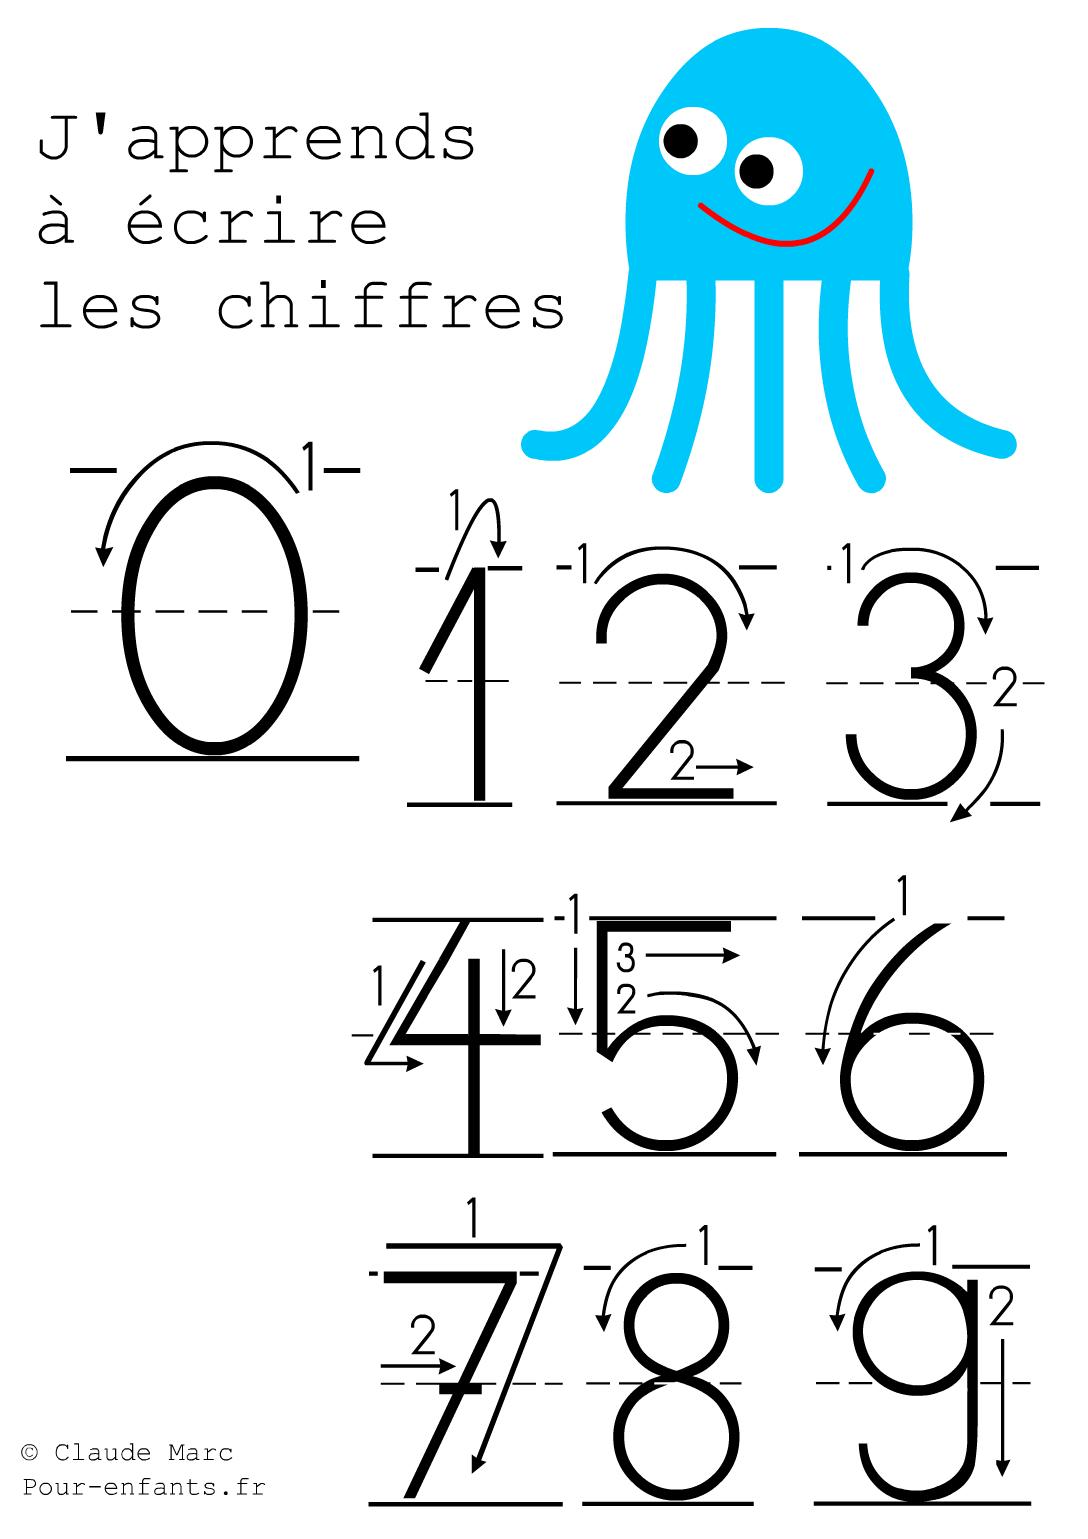 Ecrire-Les-Chiffres 1 088 × 1 539 Pixels | Apprendre À avec Apprendre A Ecrire Gratuit